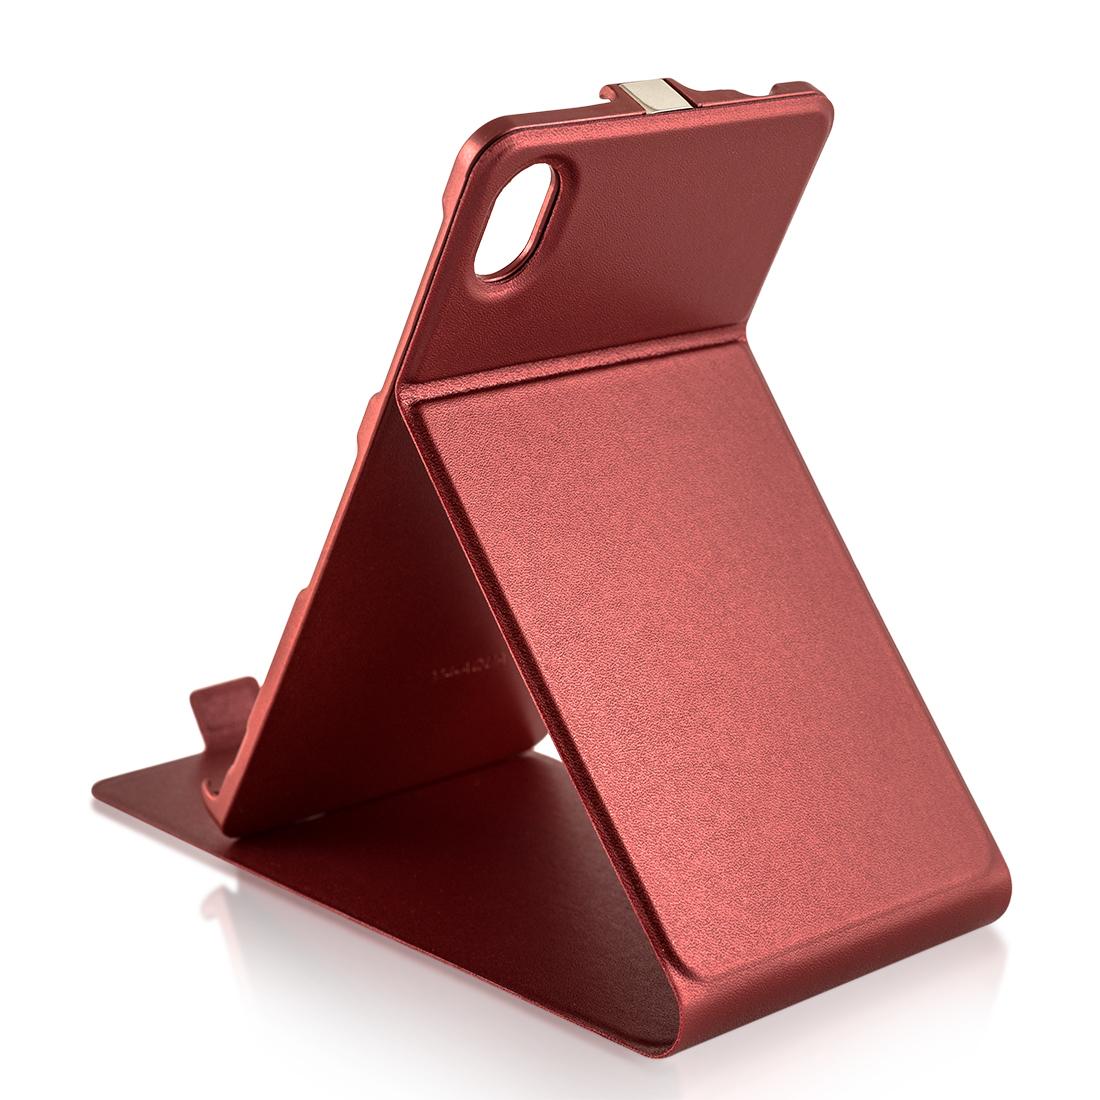 Чехол-флиппер красный для Xperia M4A купить в Sony Centre Воронеж